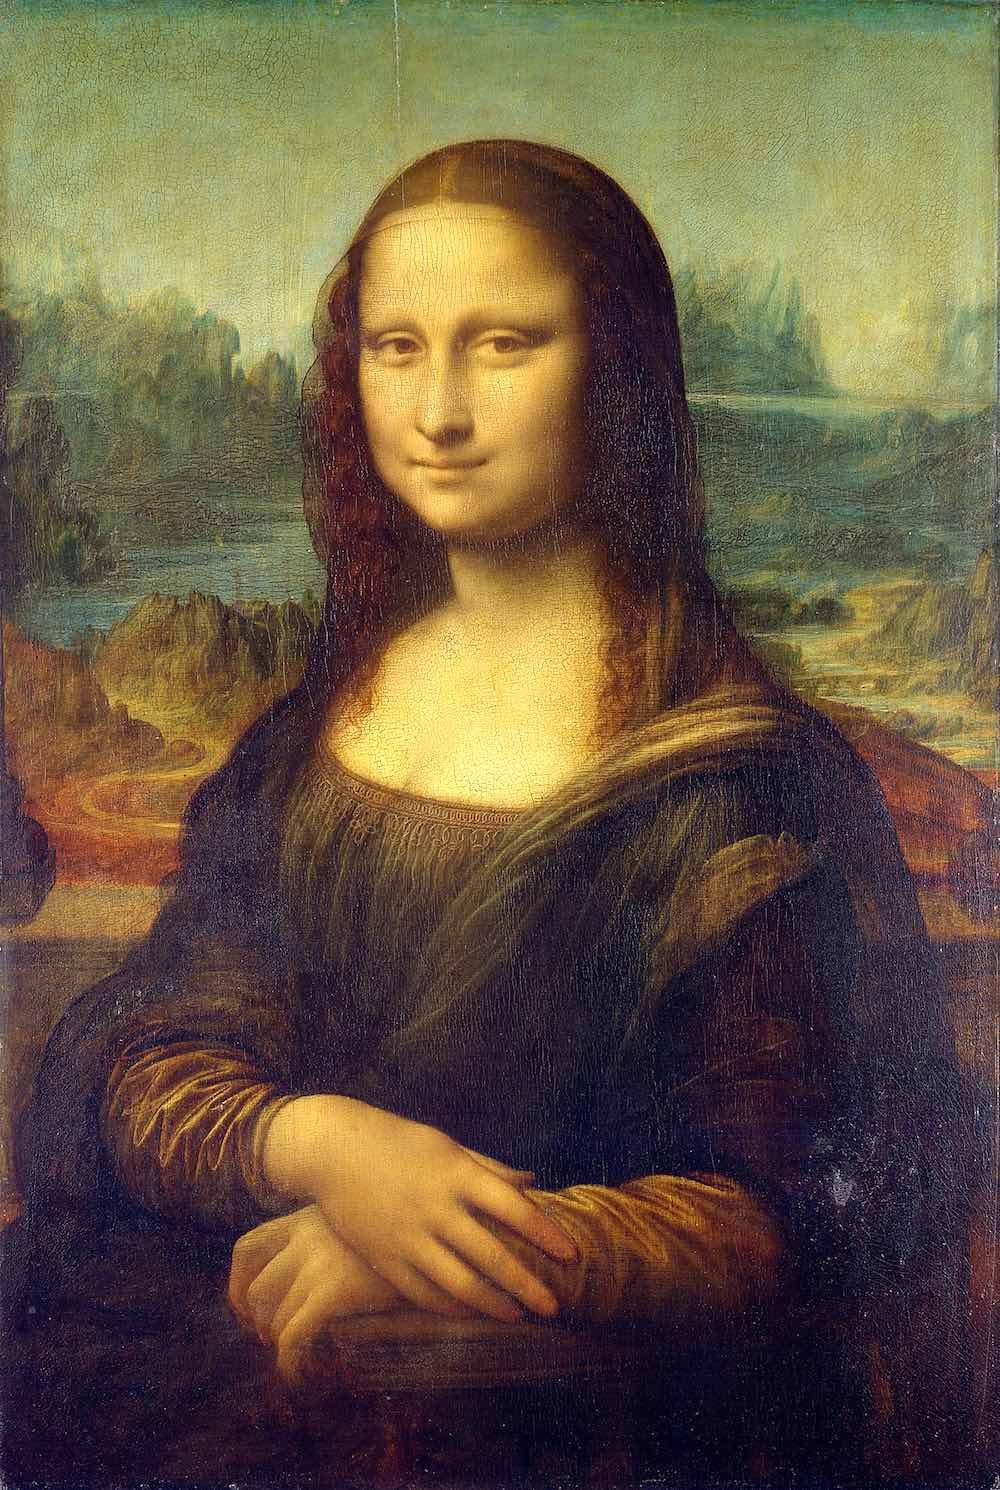 Il panorama dietro la Gioconda di Leonardo rappresenta il Valdarno Superiore in Toscana